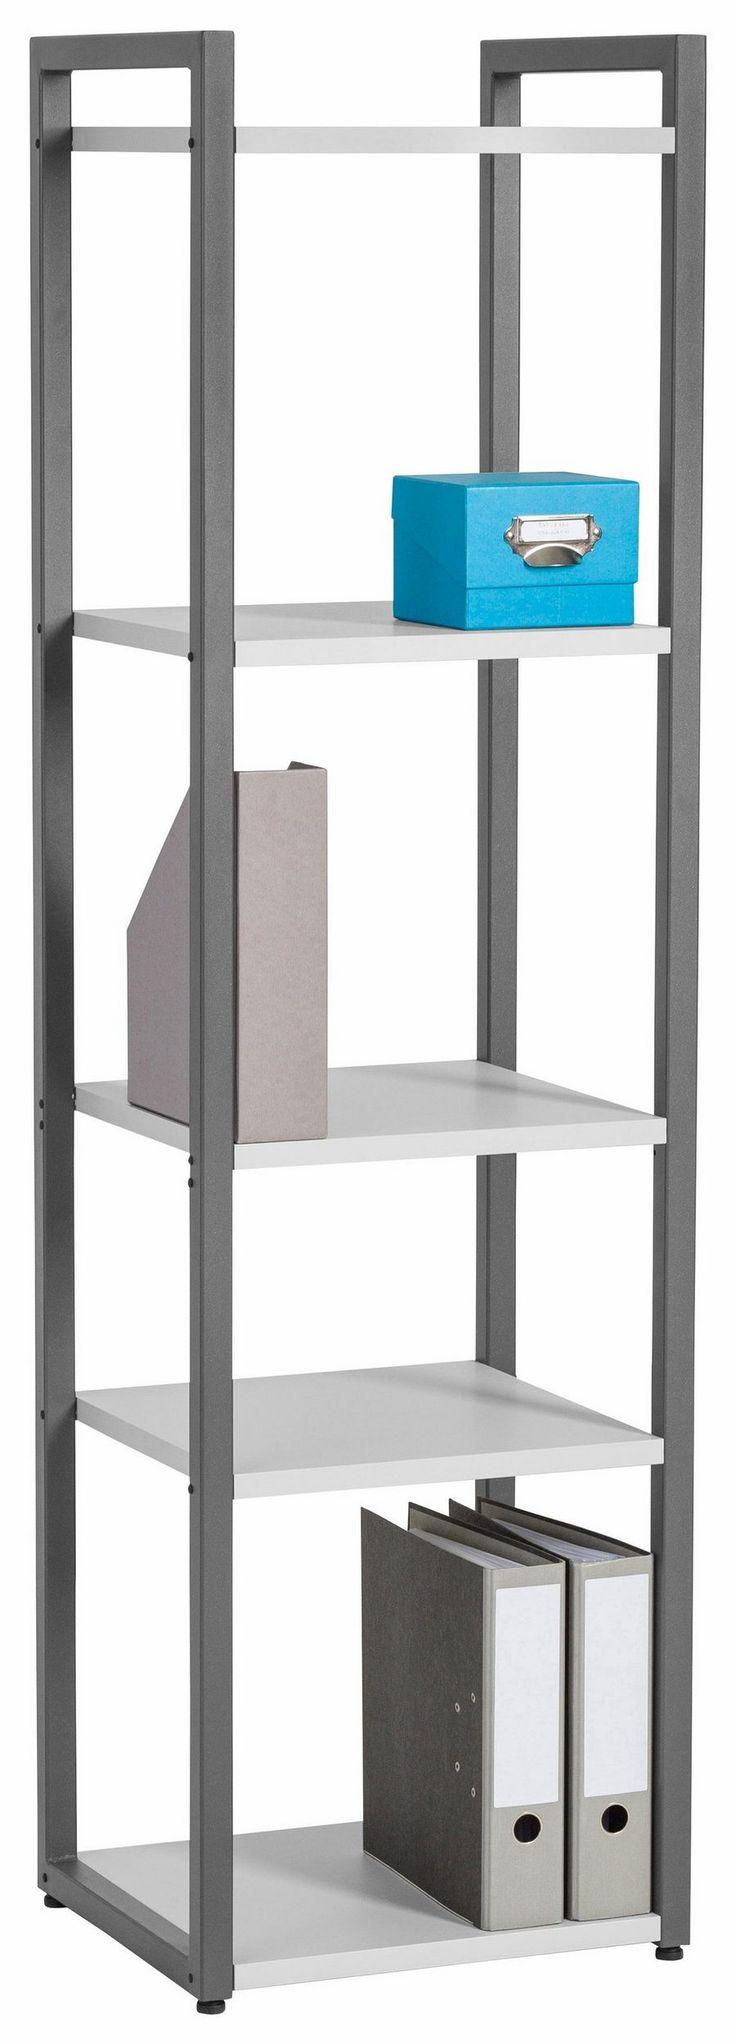 Maja Möbel Regal »Rocks«, Breite 46 cm für 189,99€. Variabel kombinierbar, Platzsparend, Maße (B/T/H): 46/40/167 cm, Regalkombination mit Metallrahmen bei OTTO